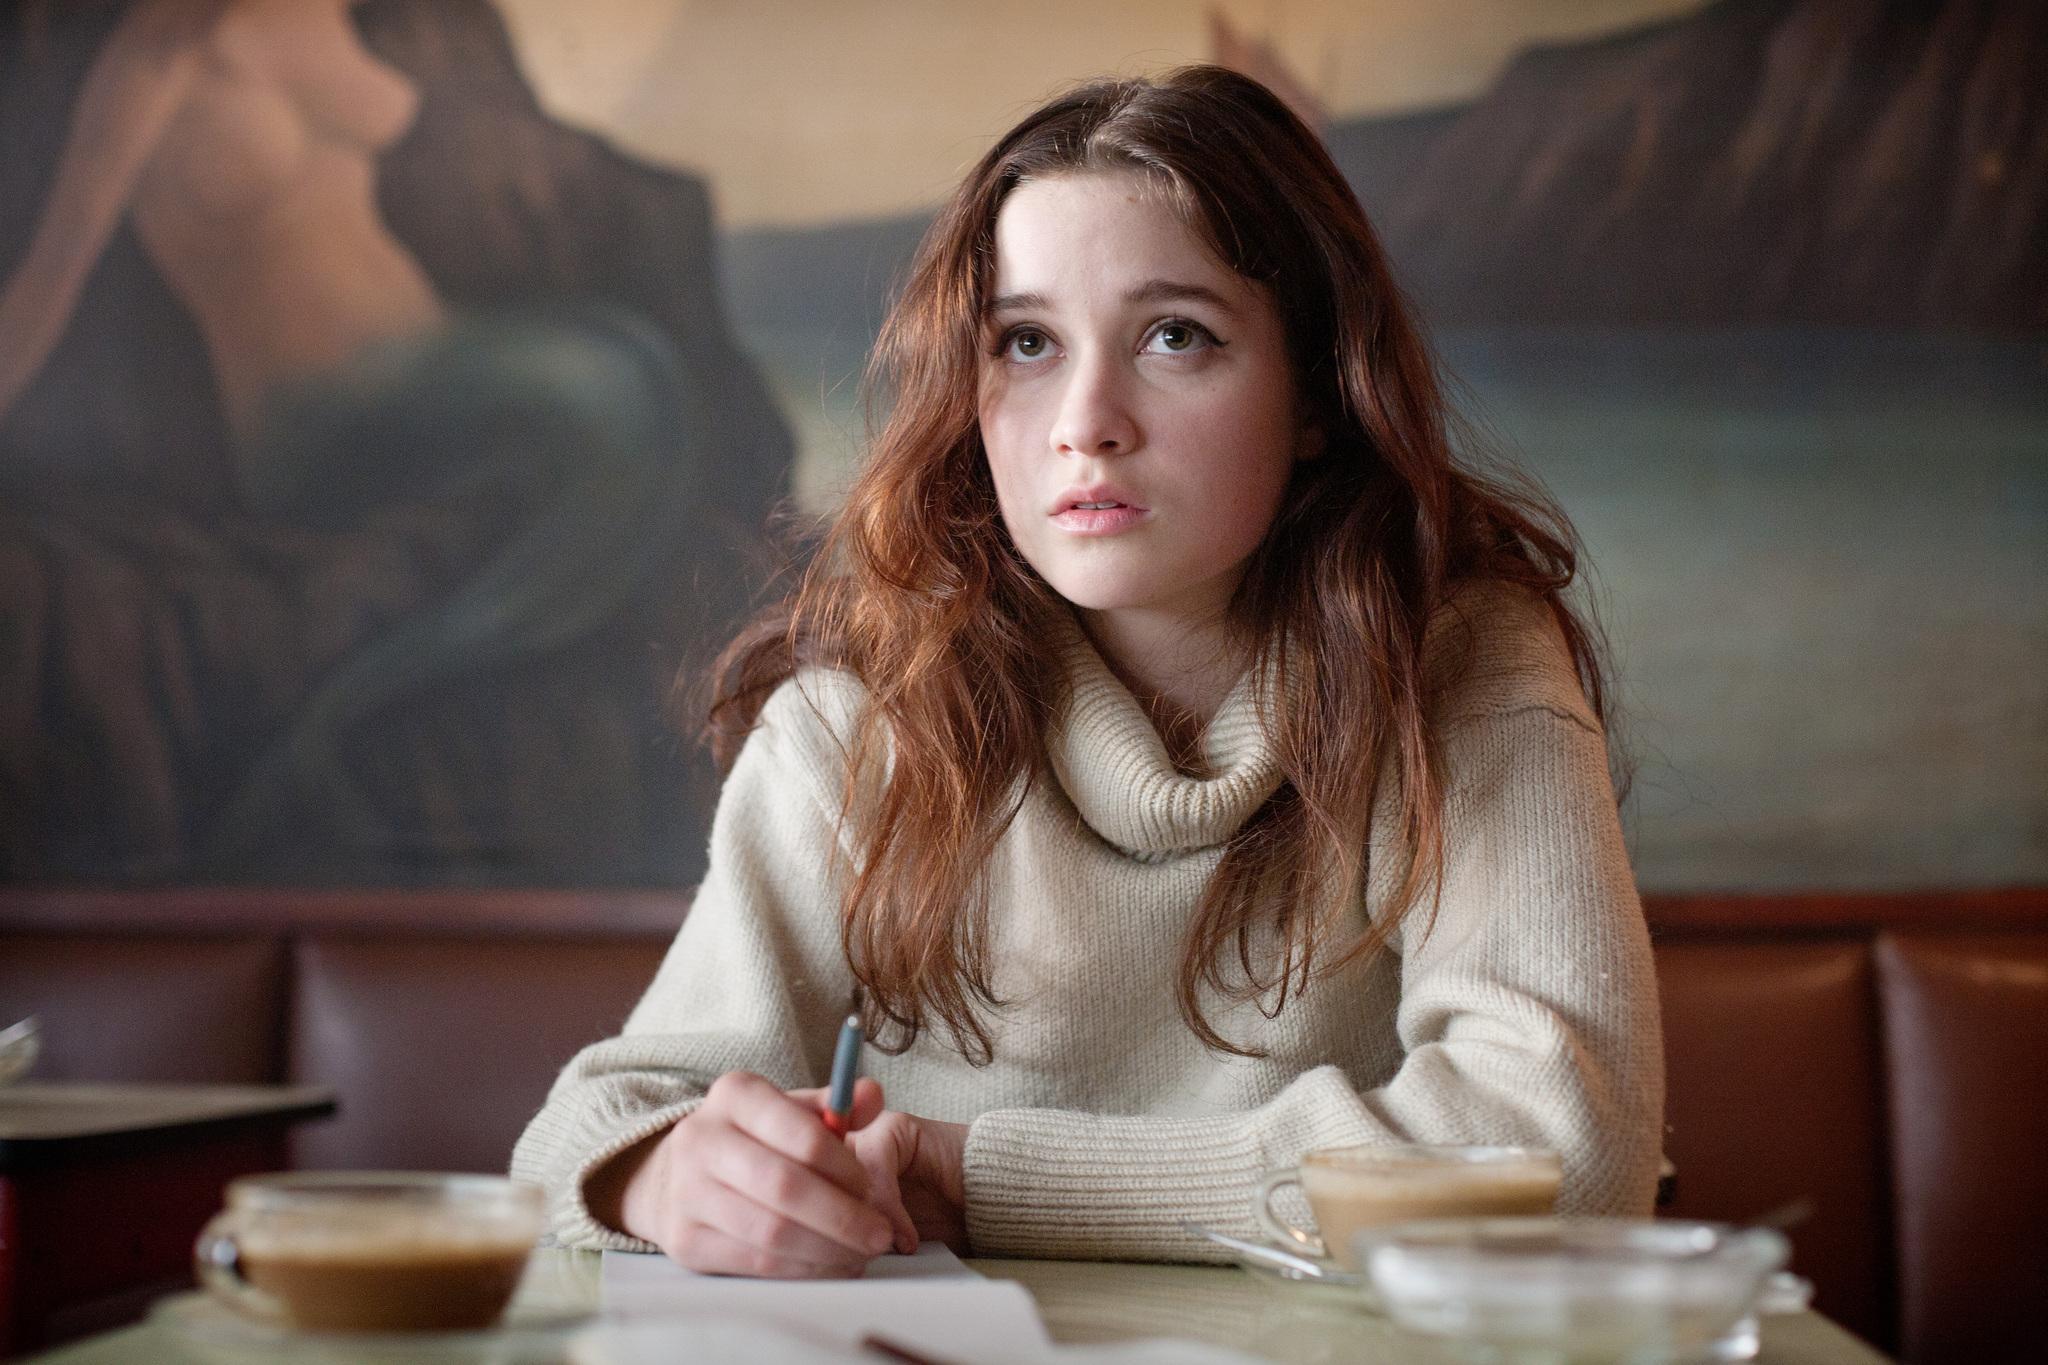 alice englert actress hd wallpaper 58943